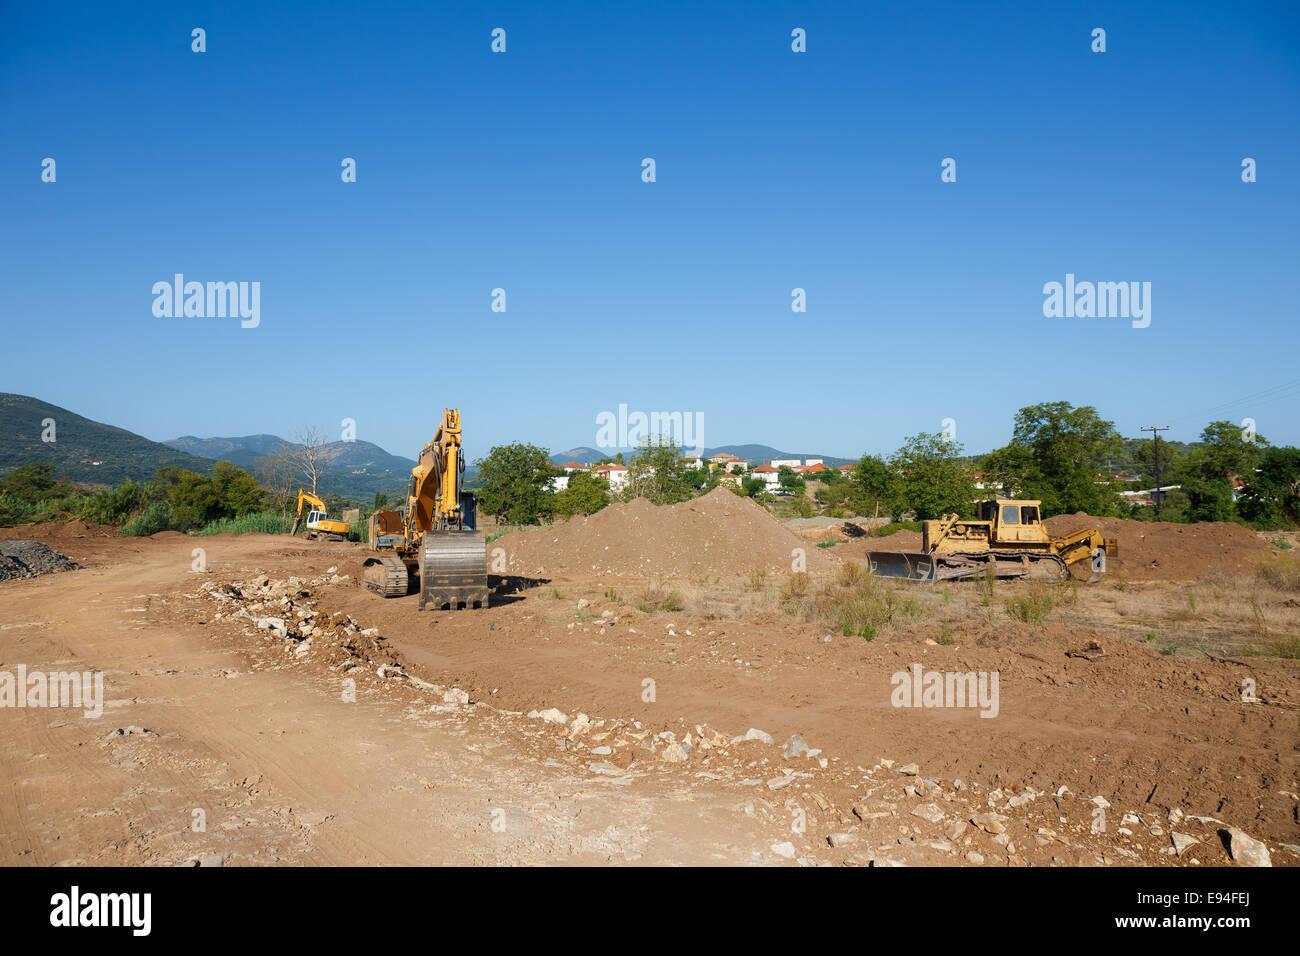 Große Bagger auf neue Baustelle vor blauem Himmel Stockbild